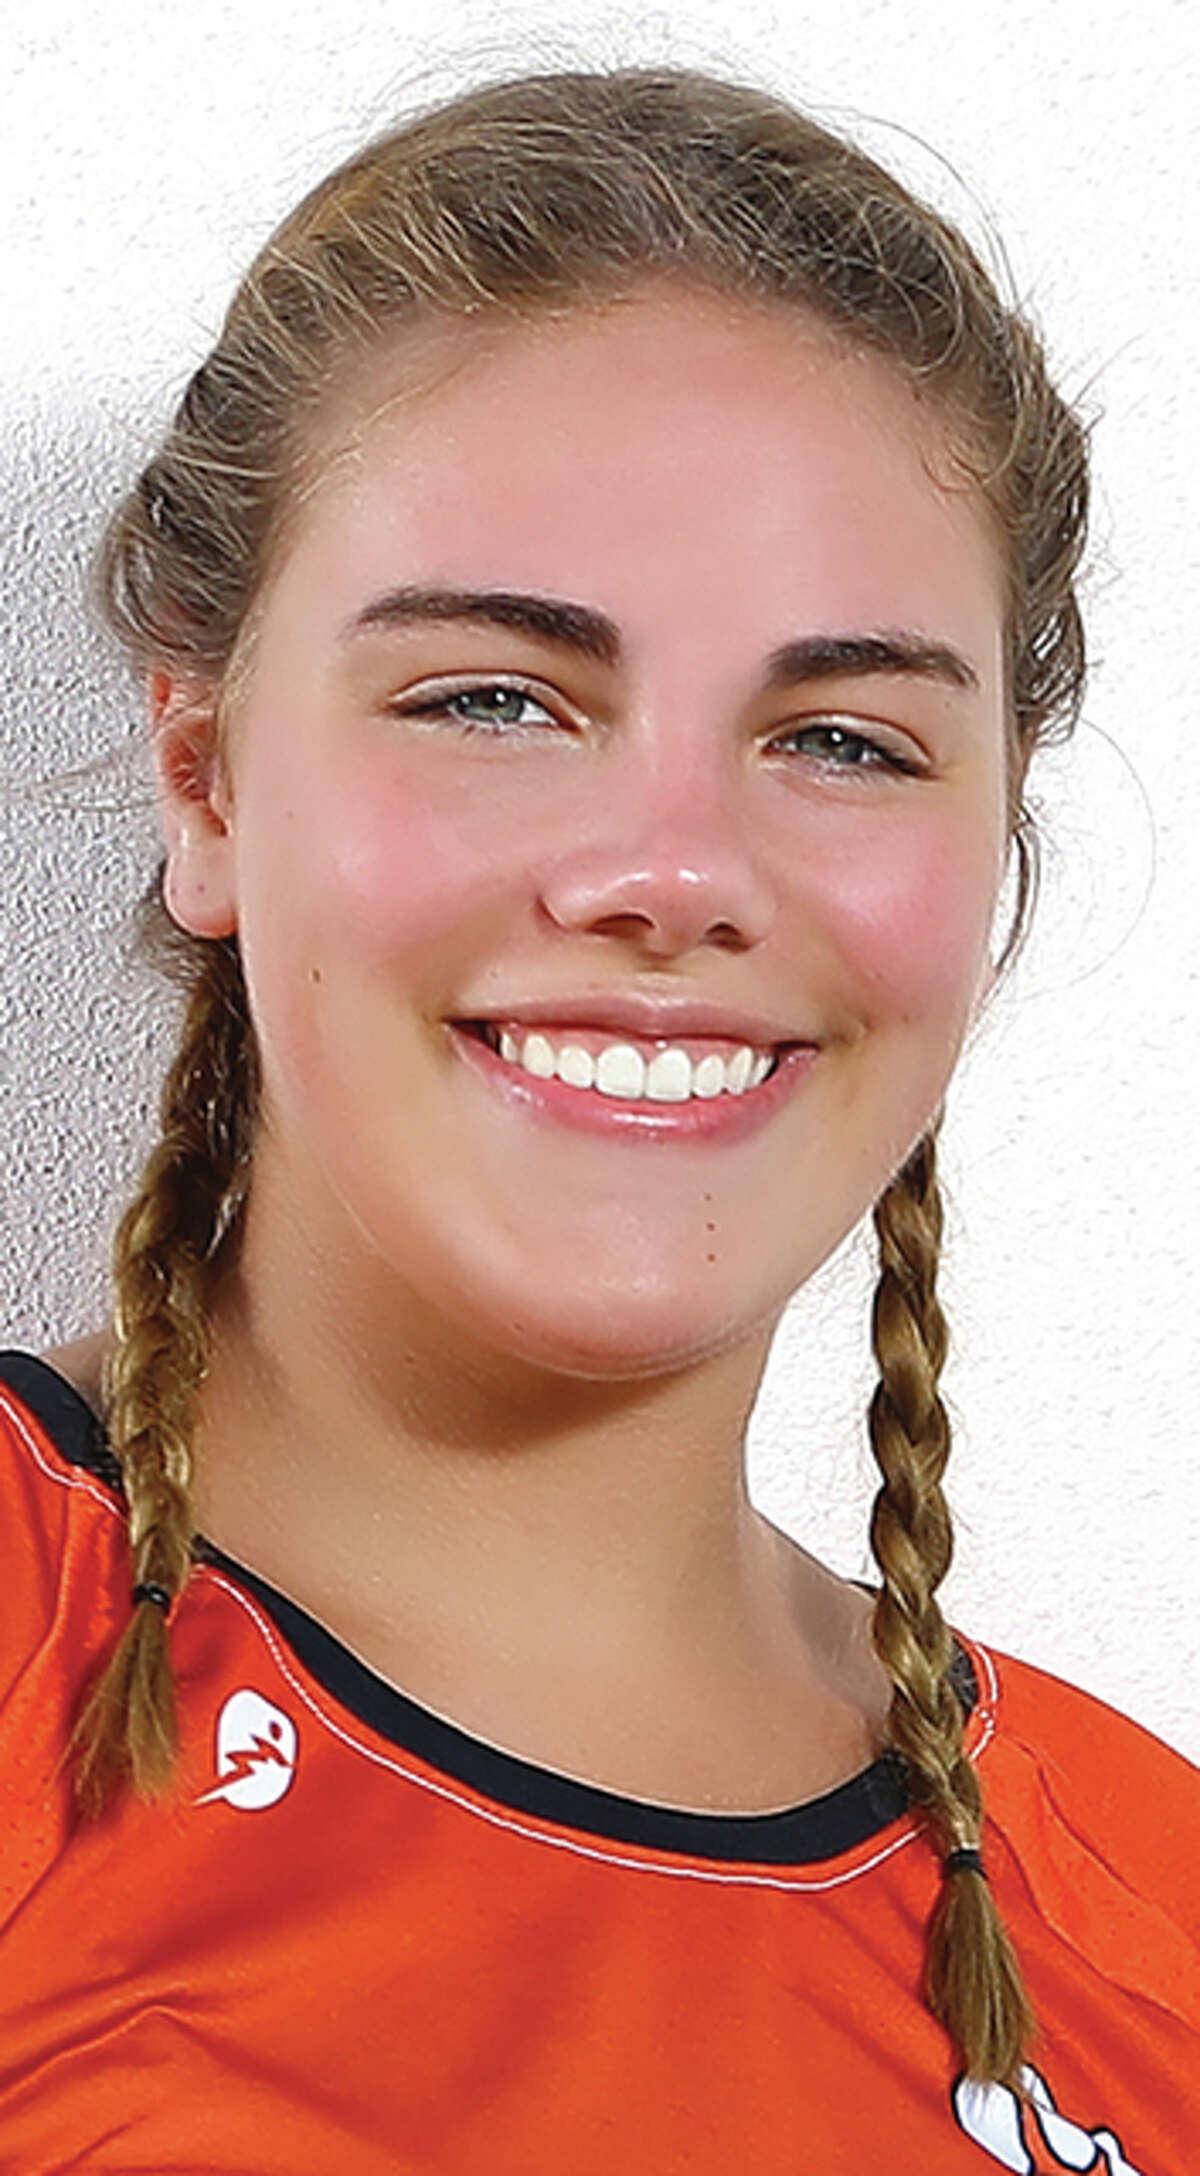 Rachel Pranger